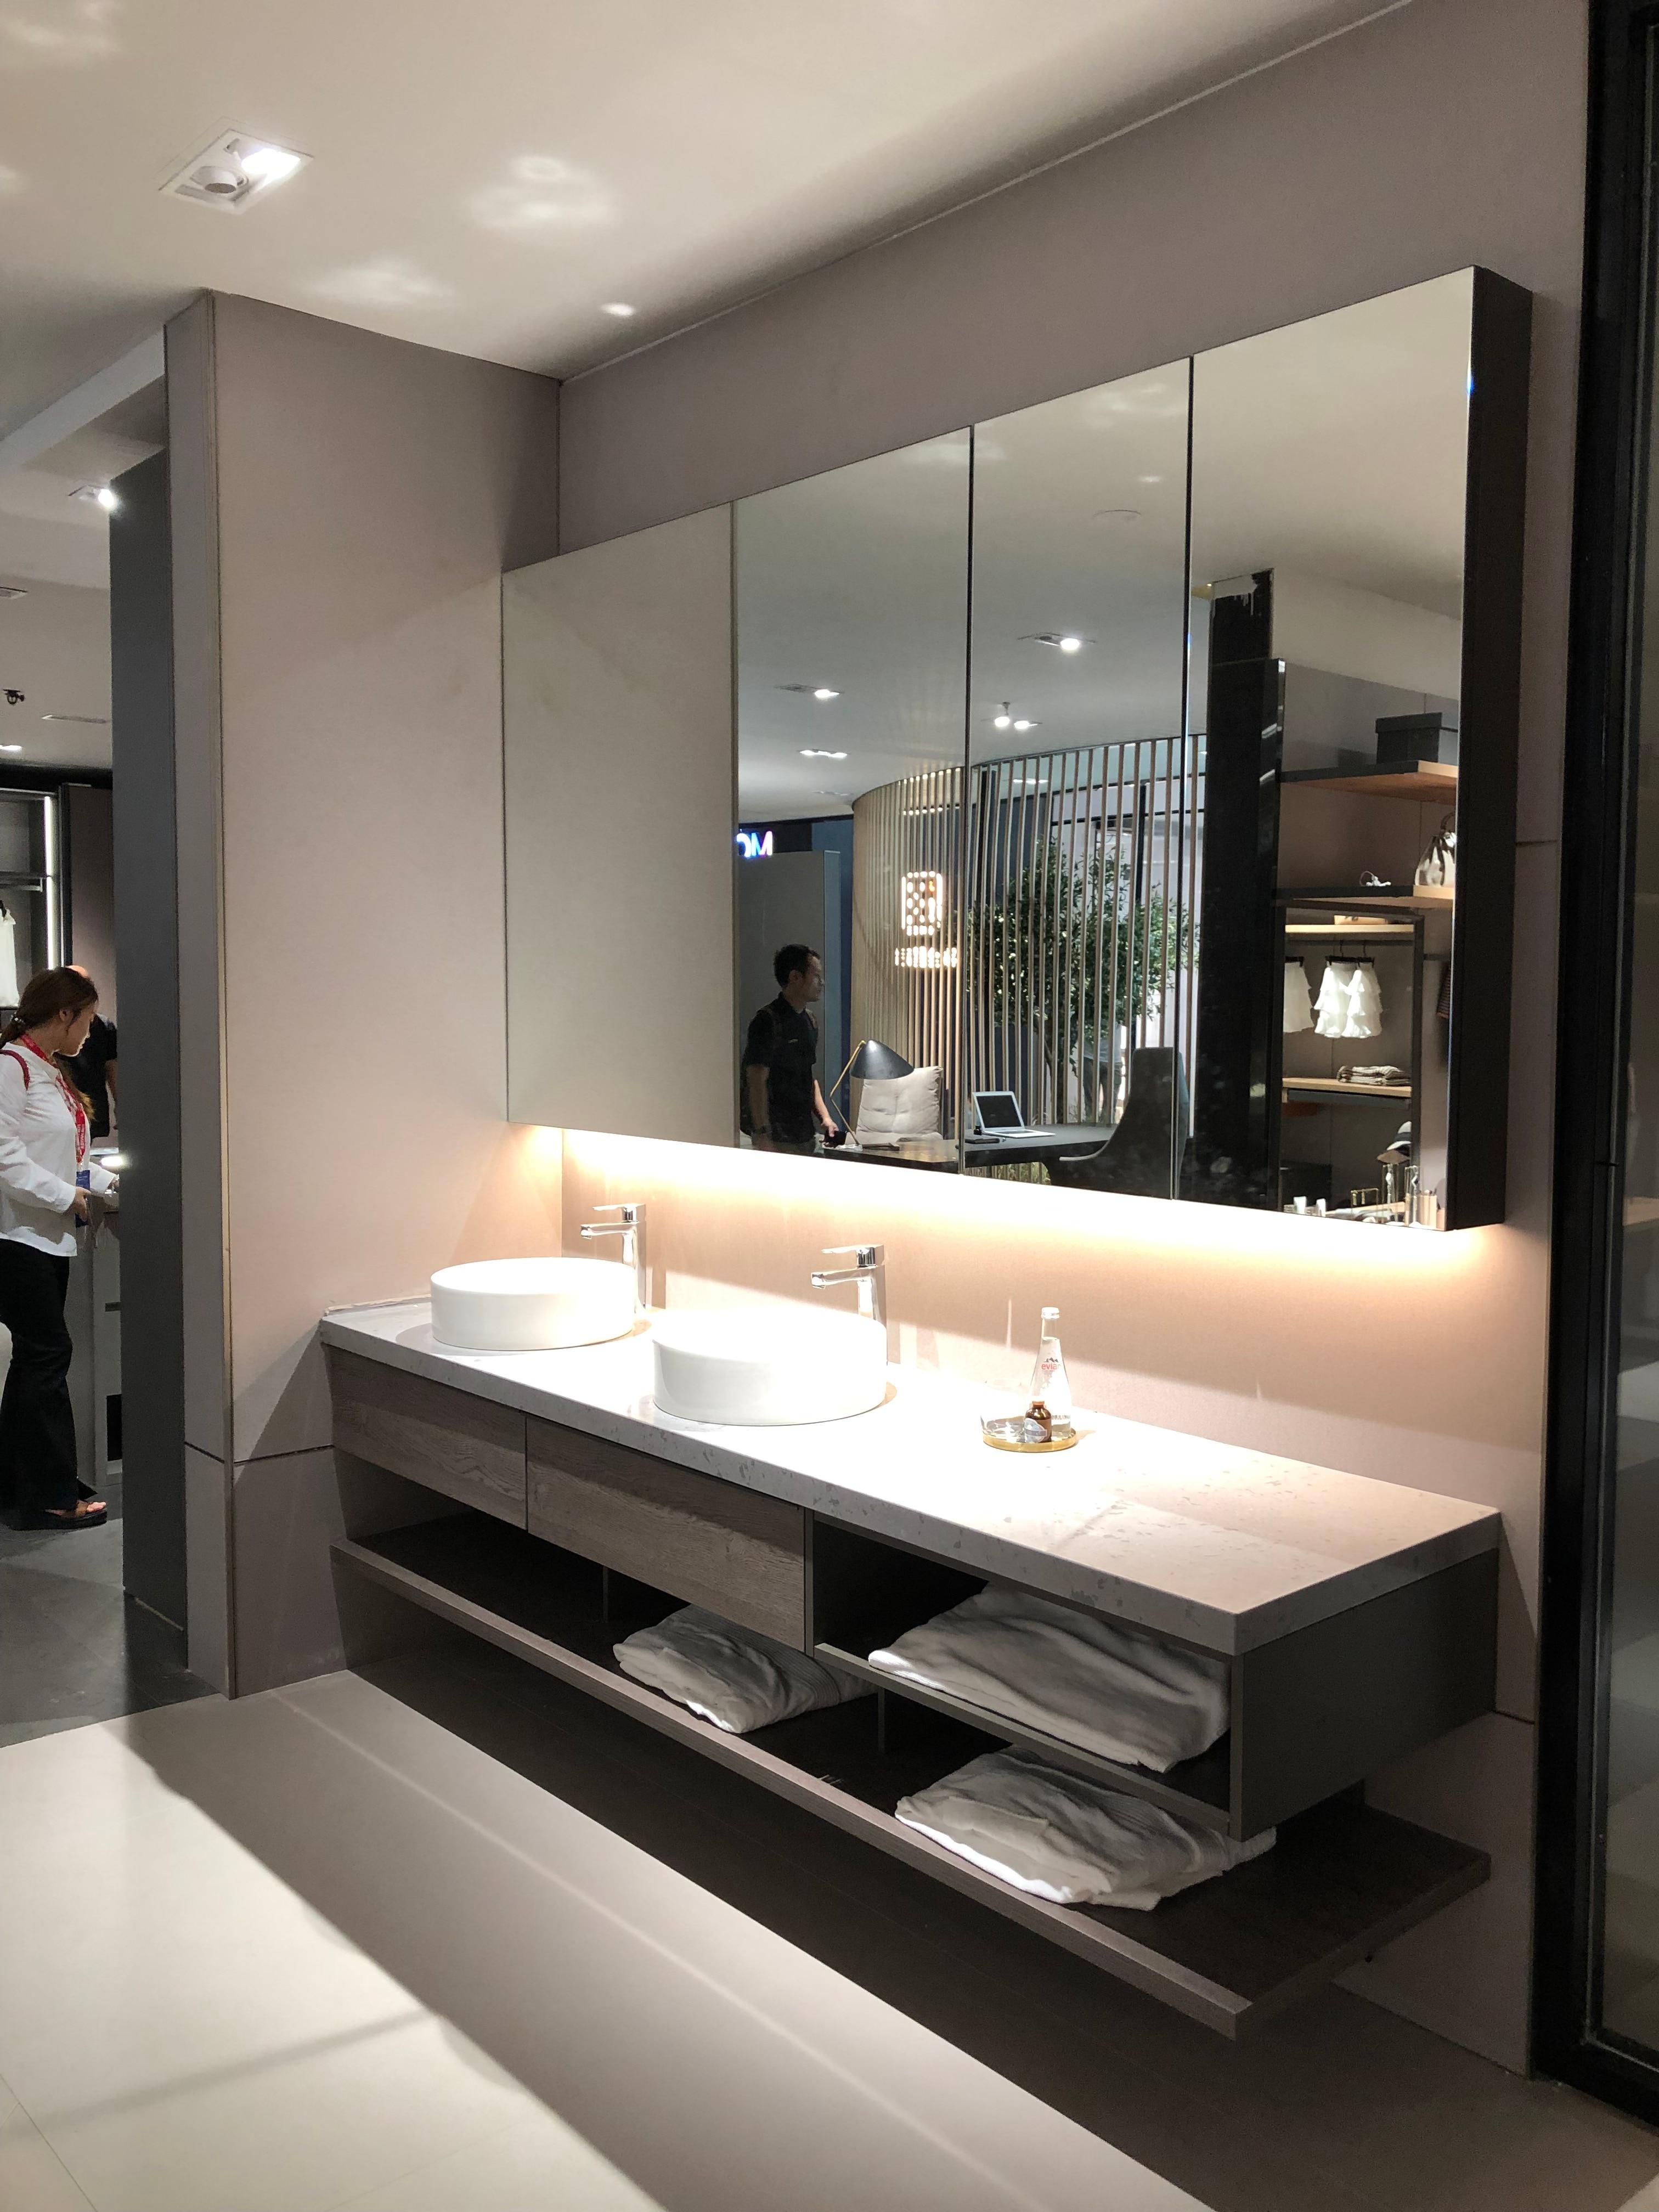 Moderne Personnaliser Vanité Marbre Vanités Smart Salle De Bain éclairage  Bluetooth Hôtel Baignoire Armoire Taille Personnalisée Armoire De Douche